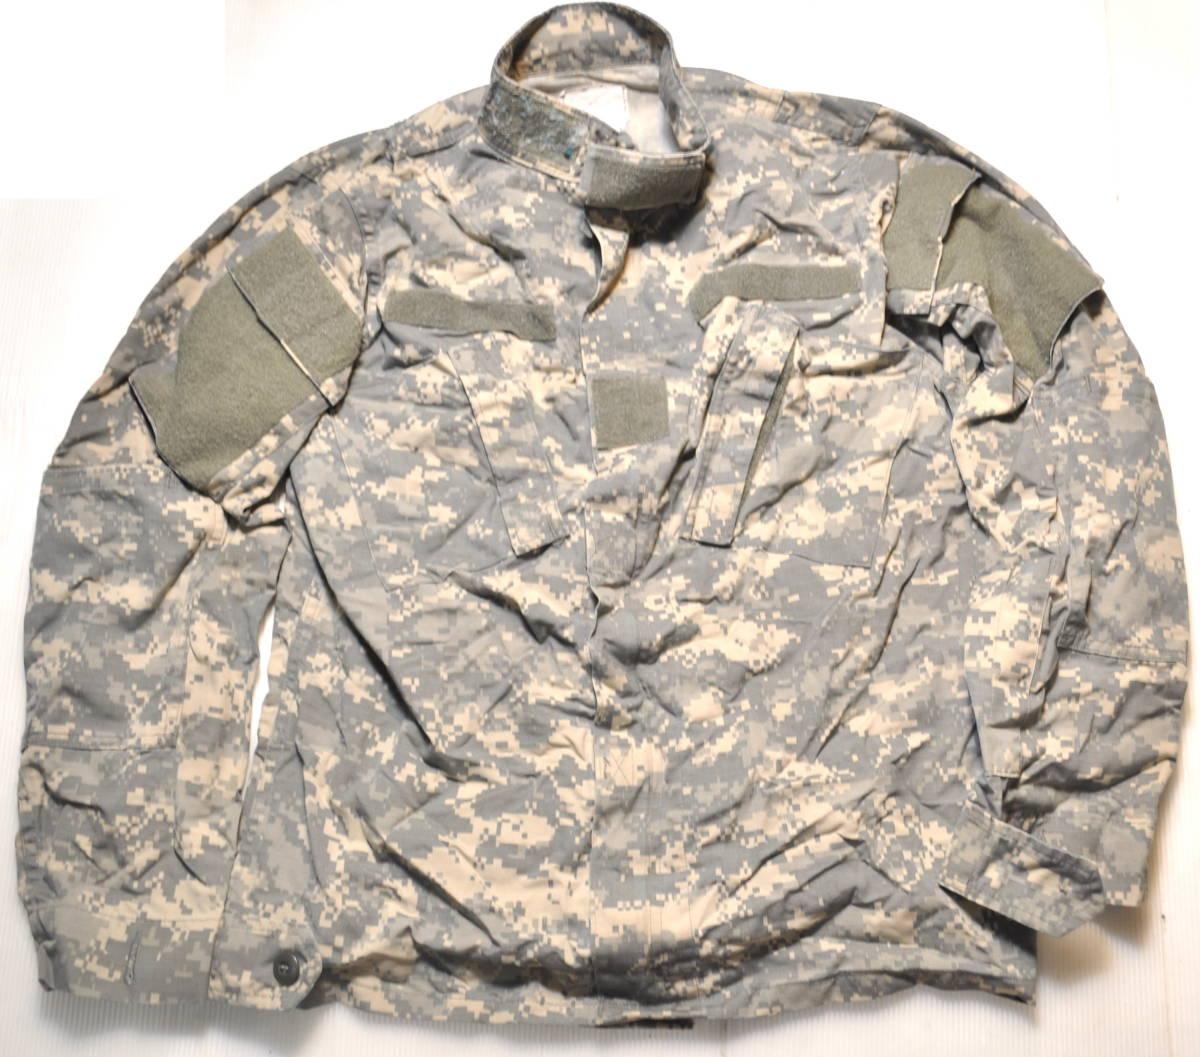 実物 米軍放出品 ACU 陸軍 米陸軍 US ARMY デジタル迷彩 女性兵士用 コンバットジャケット 上着 36-L 戦闘服 BDU D COMBAT JACKET IR_画像1